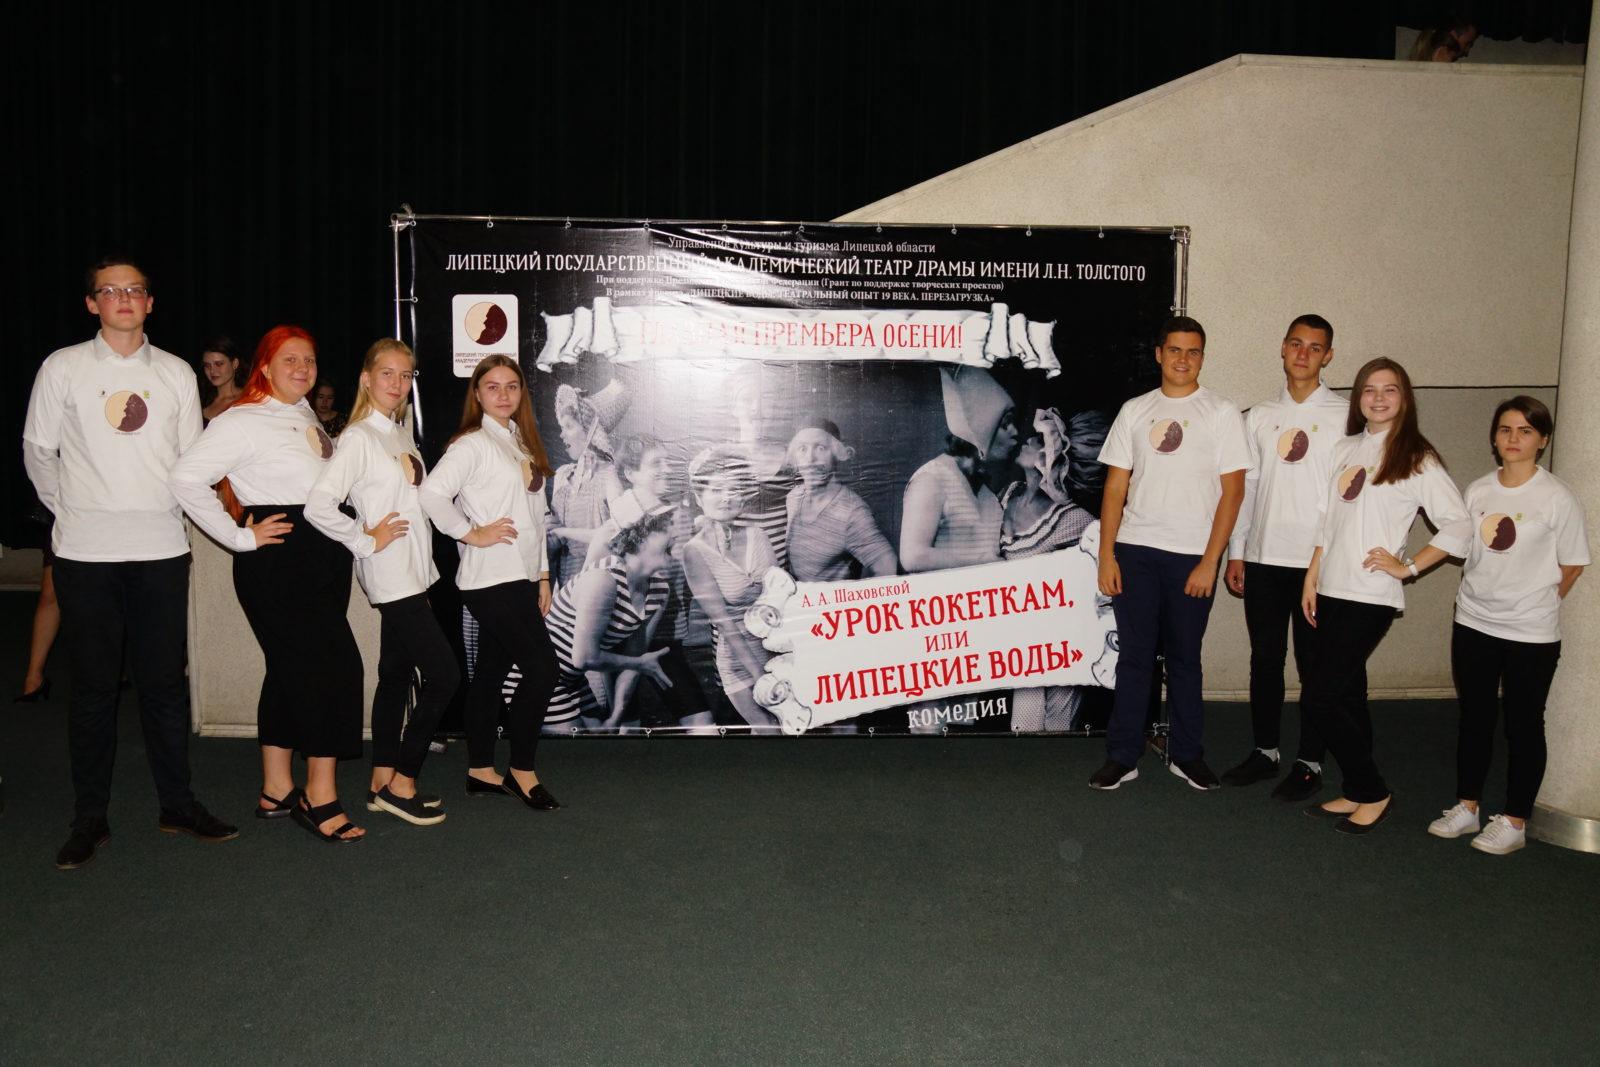 Открытие 98-го театрального сезона в Липецком академическом театре драмы имени Л.Н.Толстого